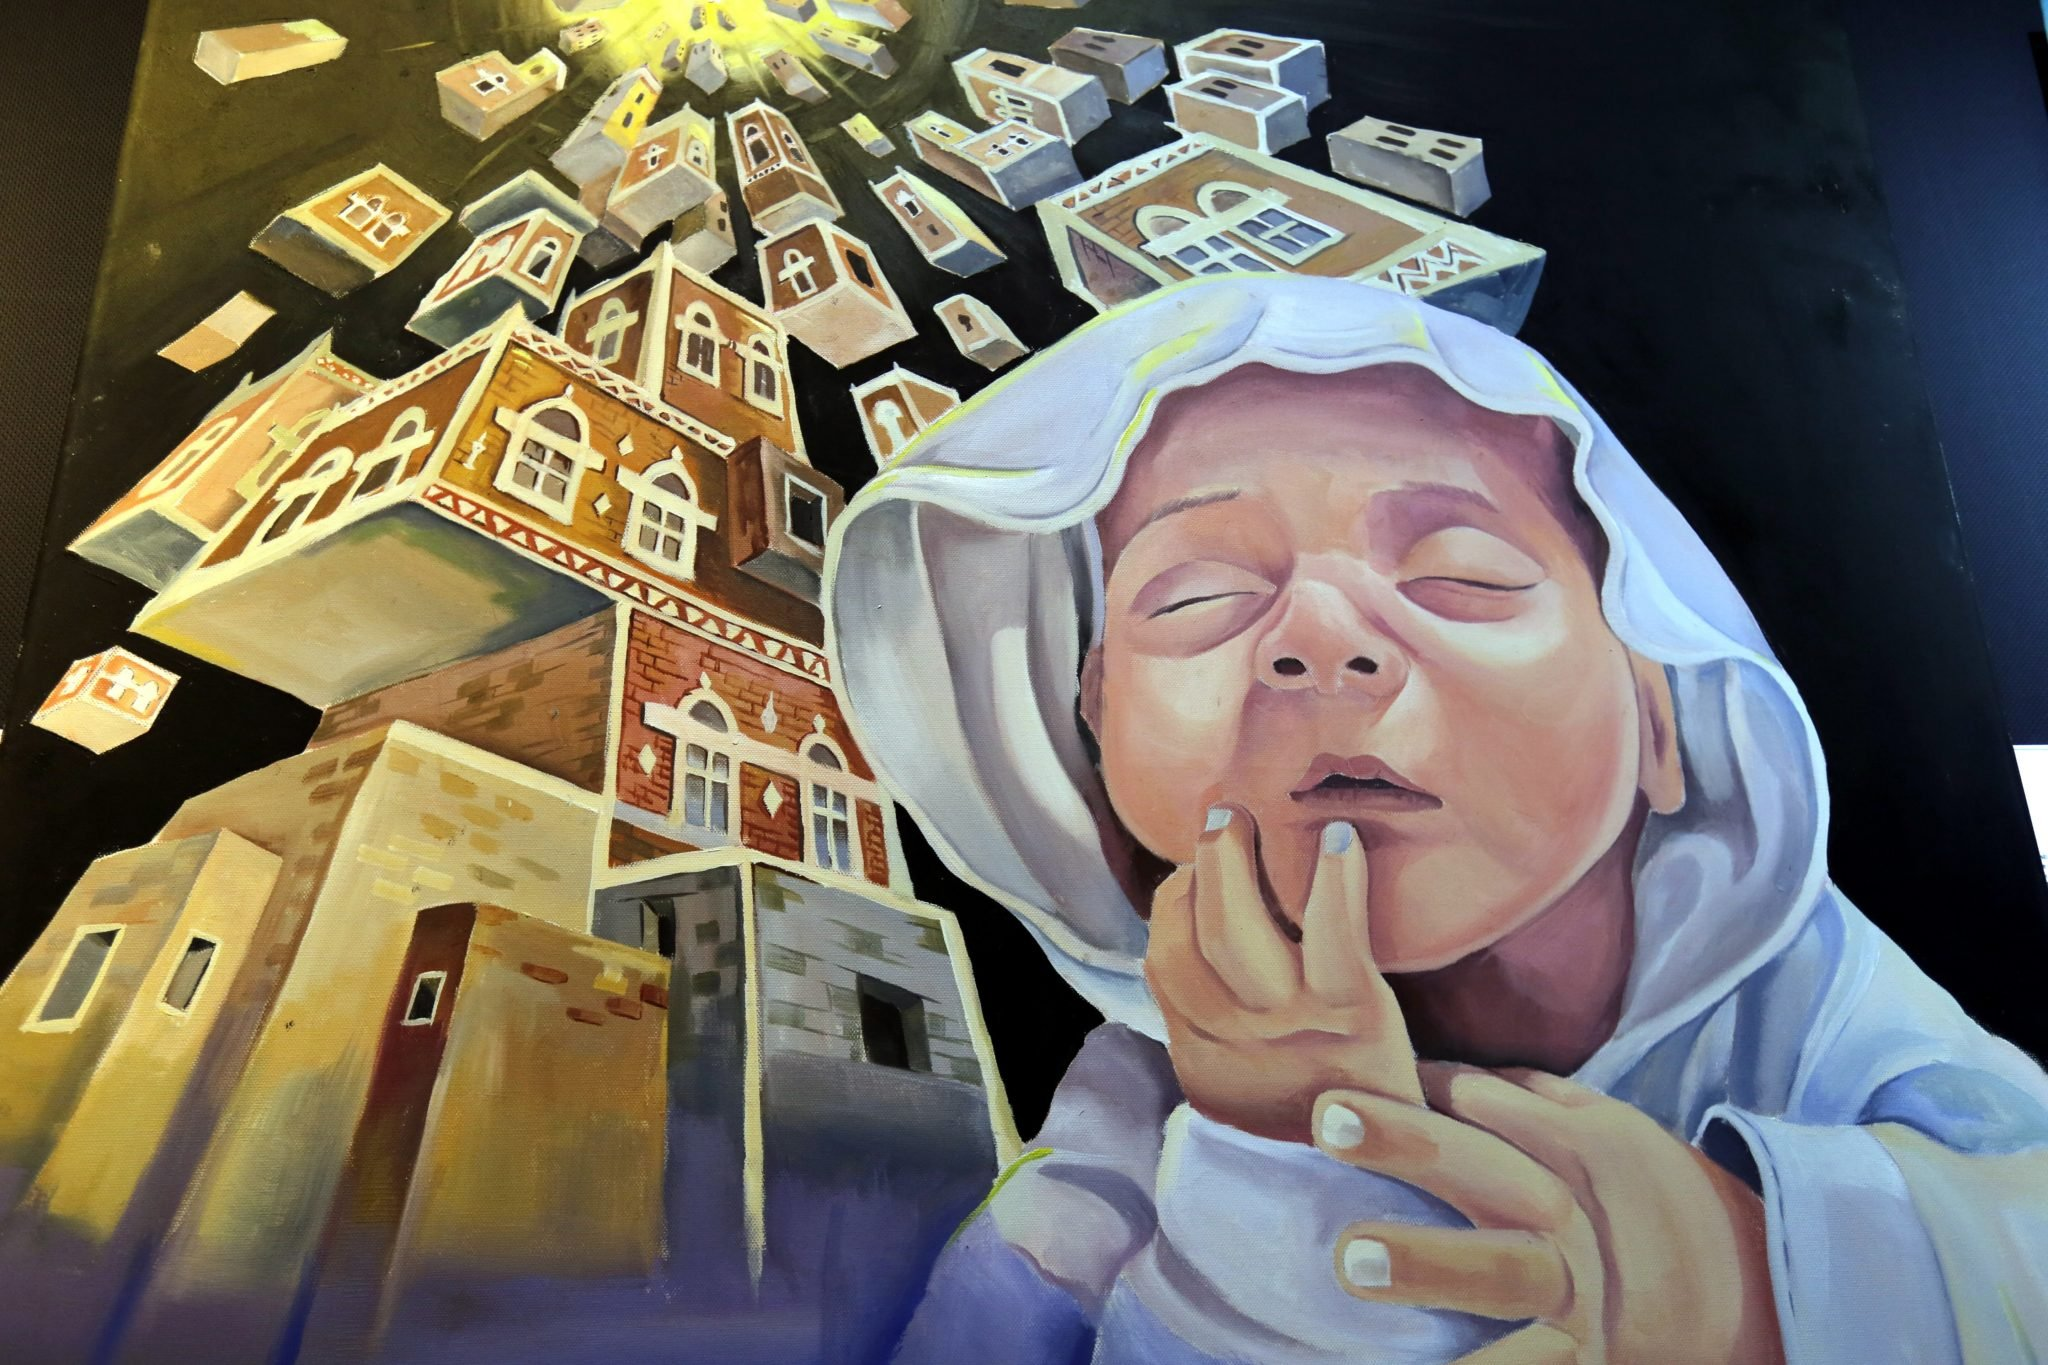 Galeria w Sanie, stolicy Jemenu. Grupa antywojennych artystów stworzyła obrazy, żeby zilustrować wpływ wojny na Jemeńczyków, fot. Yahya Arhab, PAP/EPA